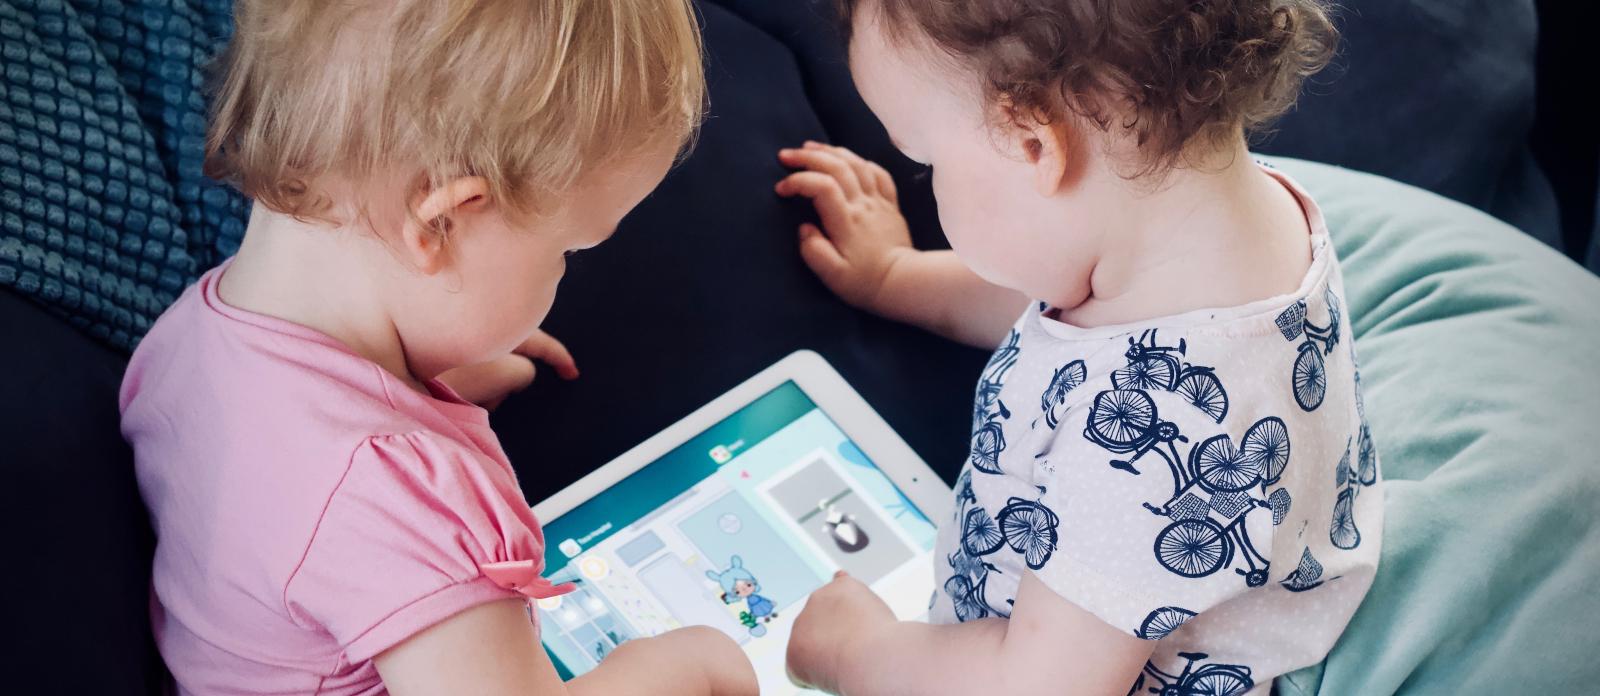 Guía para explicar a un niño los límites de Internet